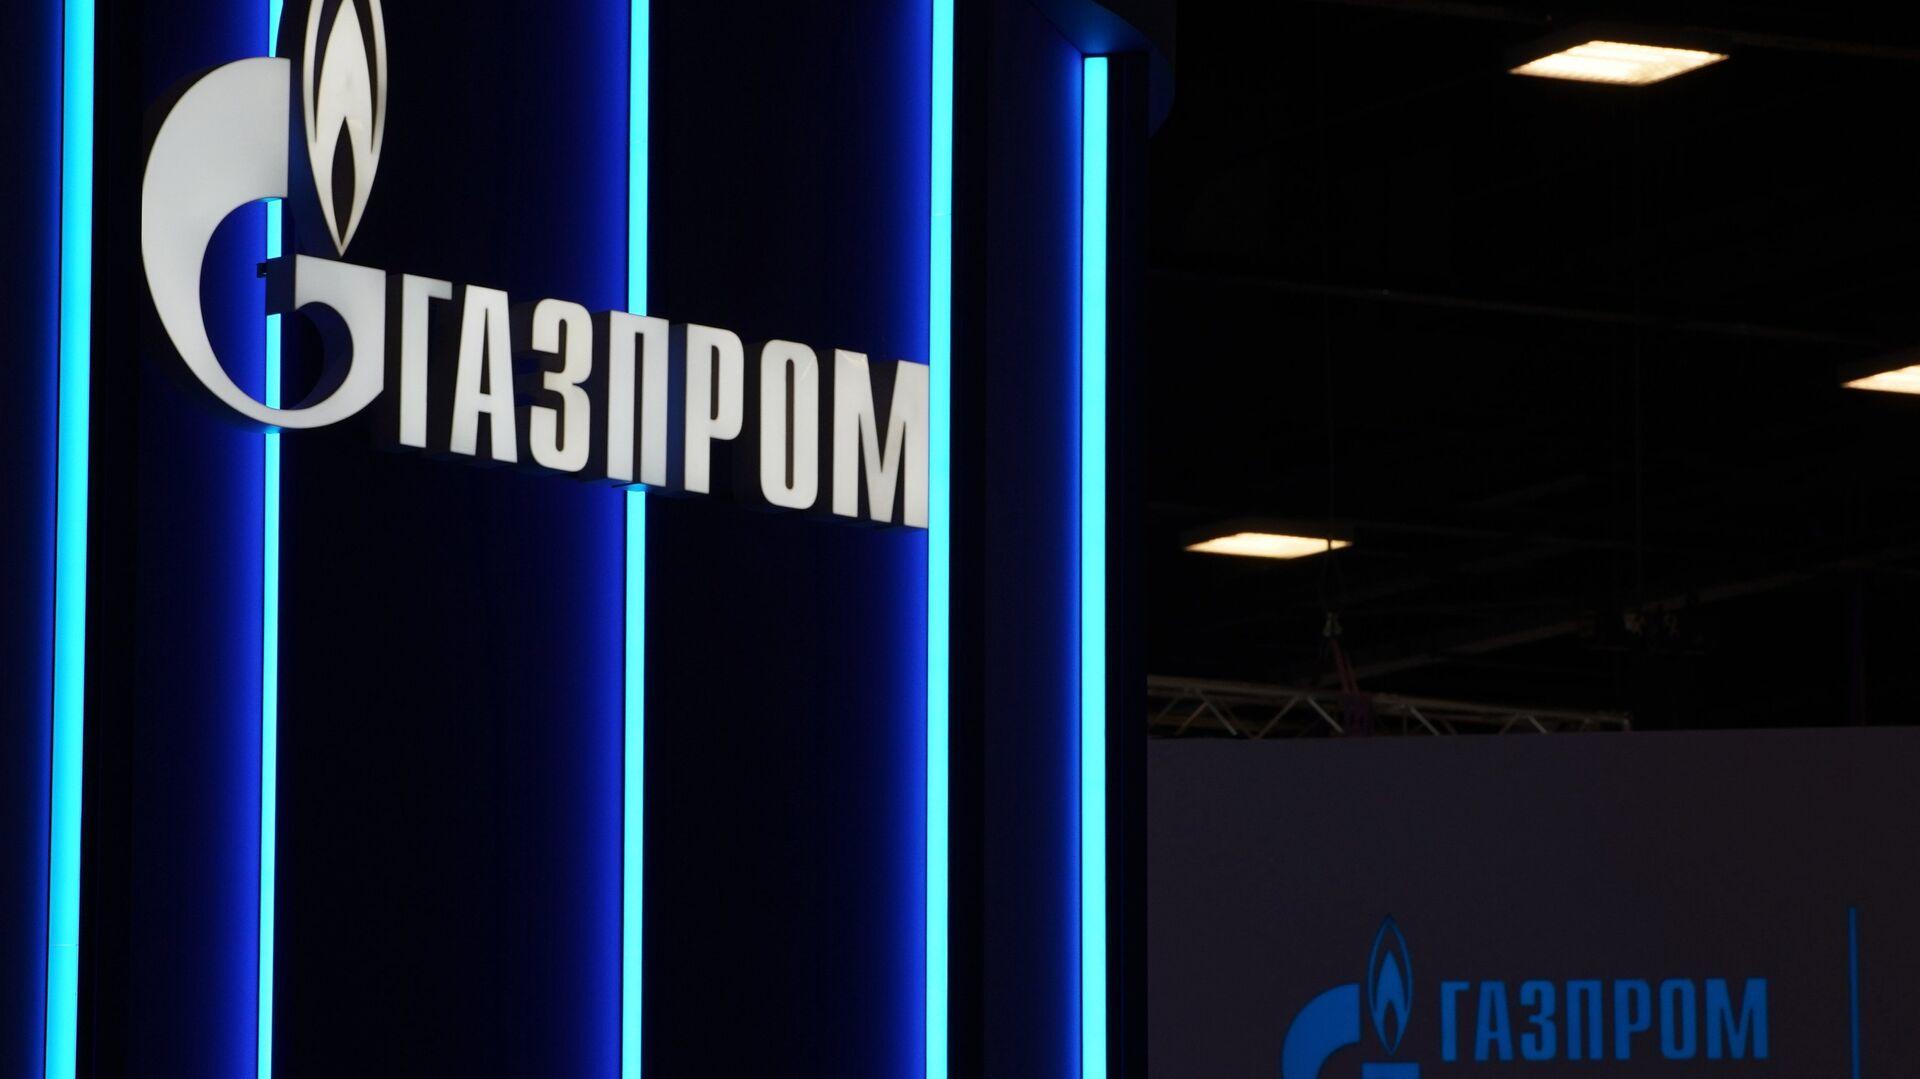 Логотип компании Газпром на Петербургском международном экономическом форуме. 26 мая 2018 - РИА Новости, 1920, 24.09.2021